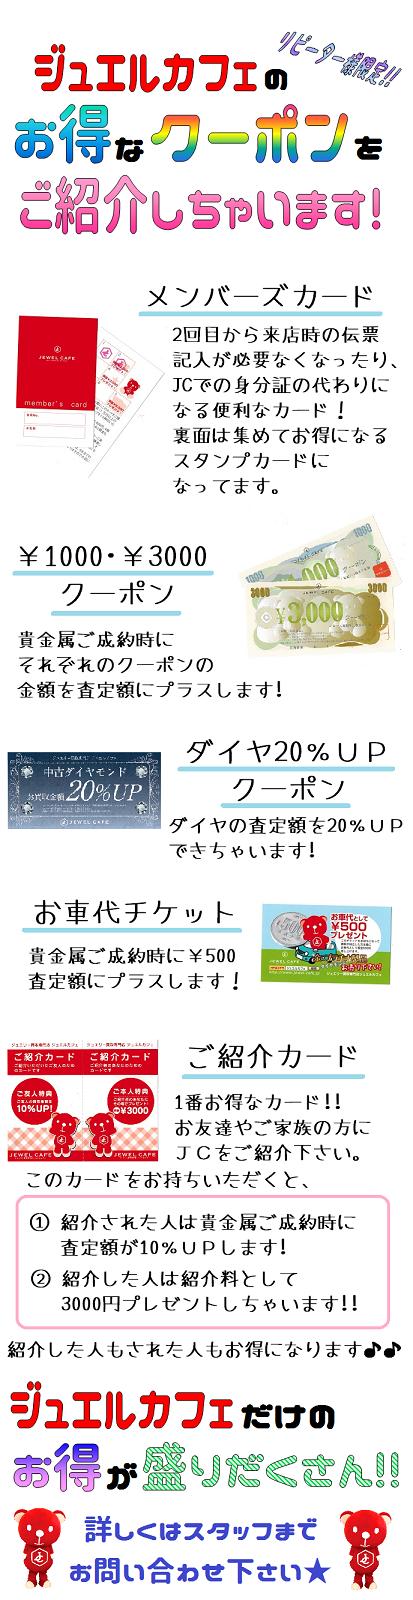 ブログ用 クーポン紹介